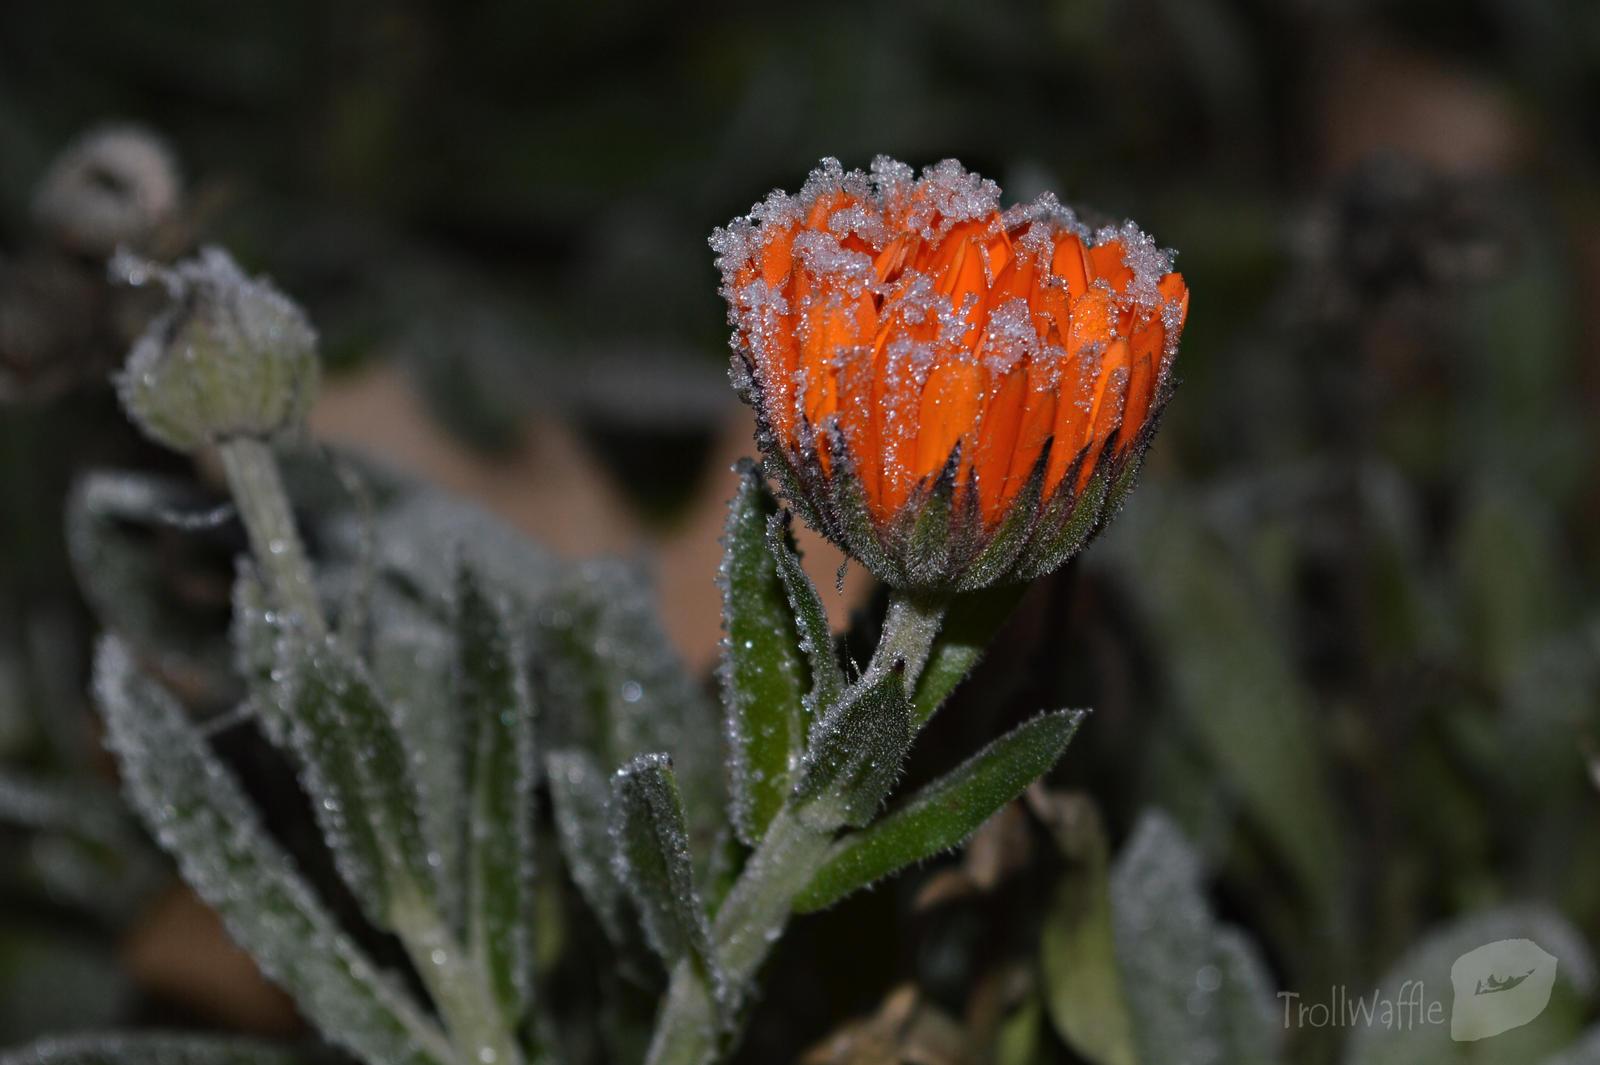 Frozen Flower by trollwaffle on DeviantArt